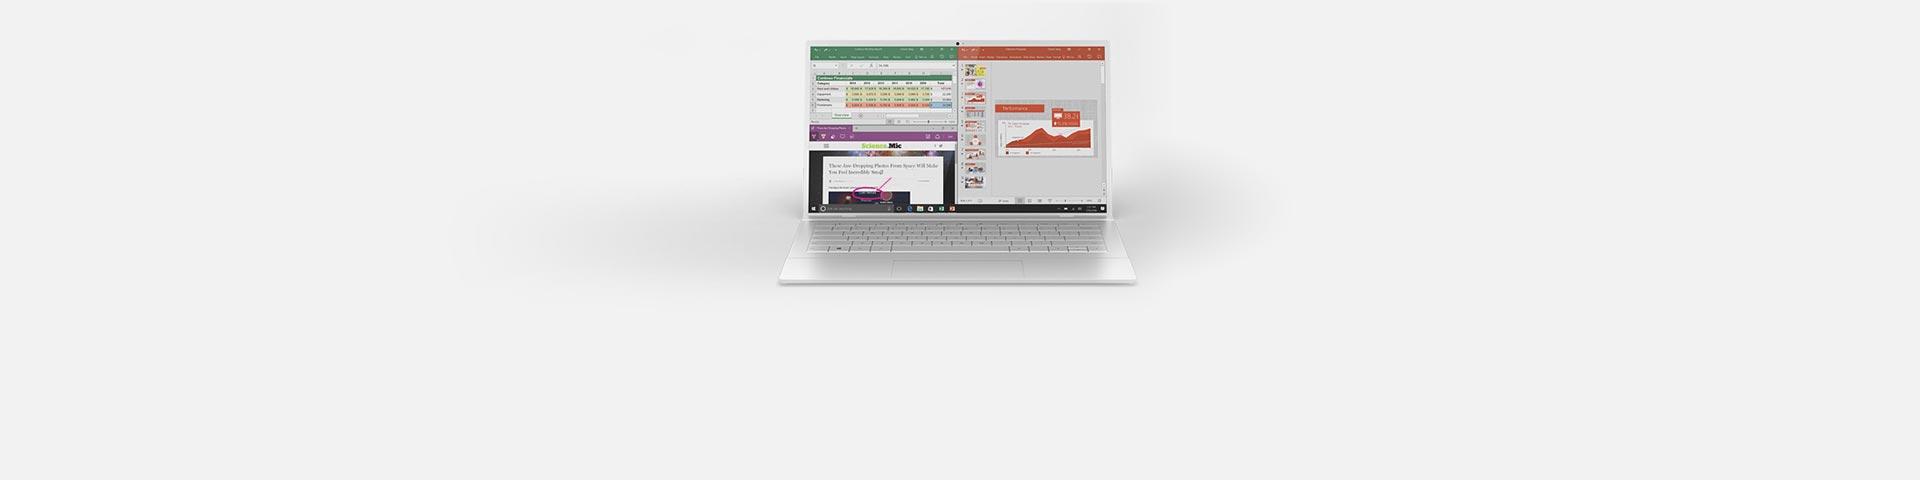 Laptop met Office-apps erop afgebeeld